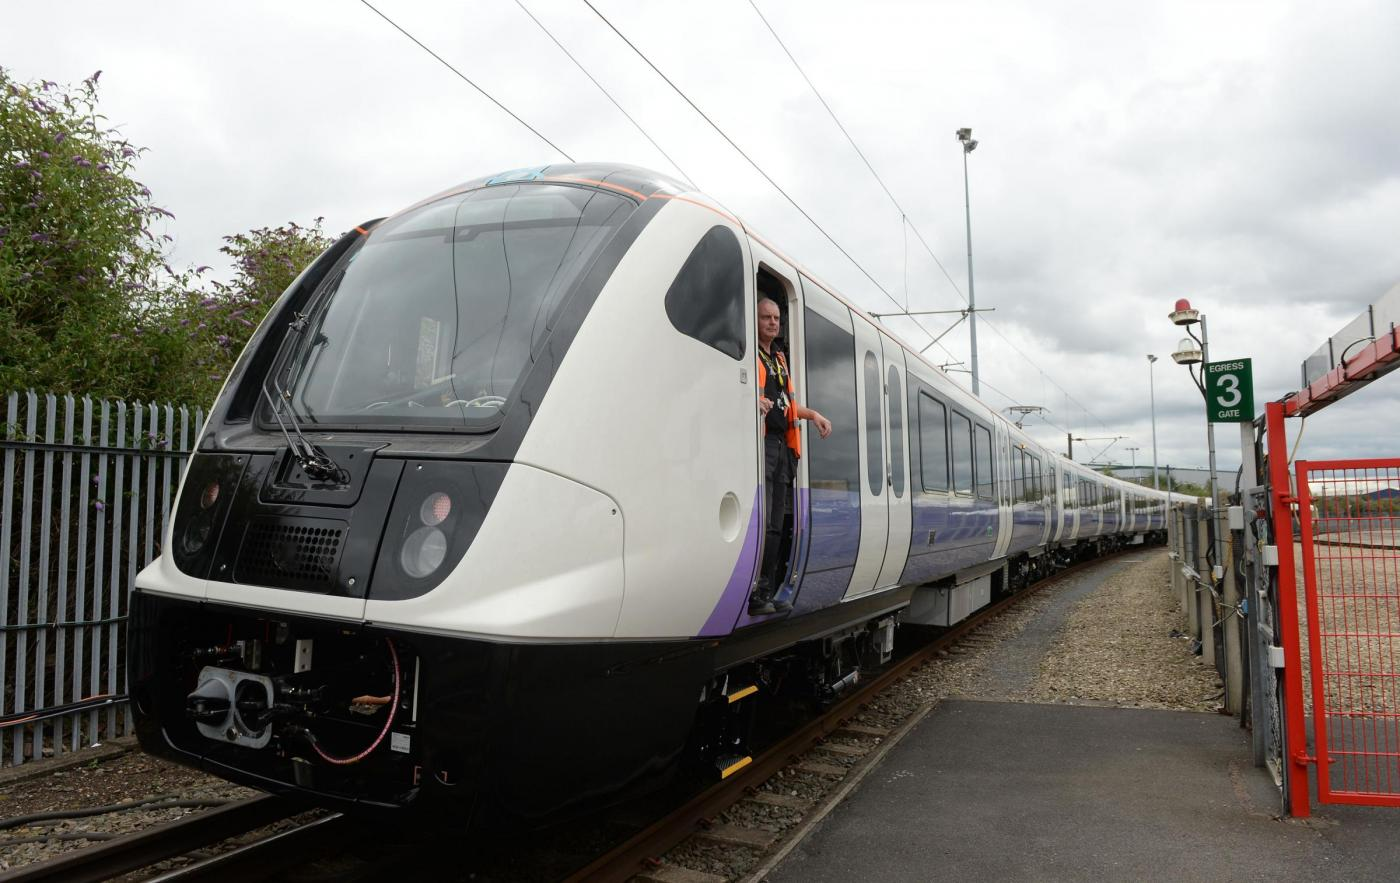 Macchinista finisce il turno e abbandona i passeggeri del treno in aperta campagna